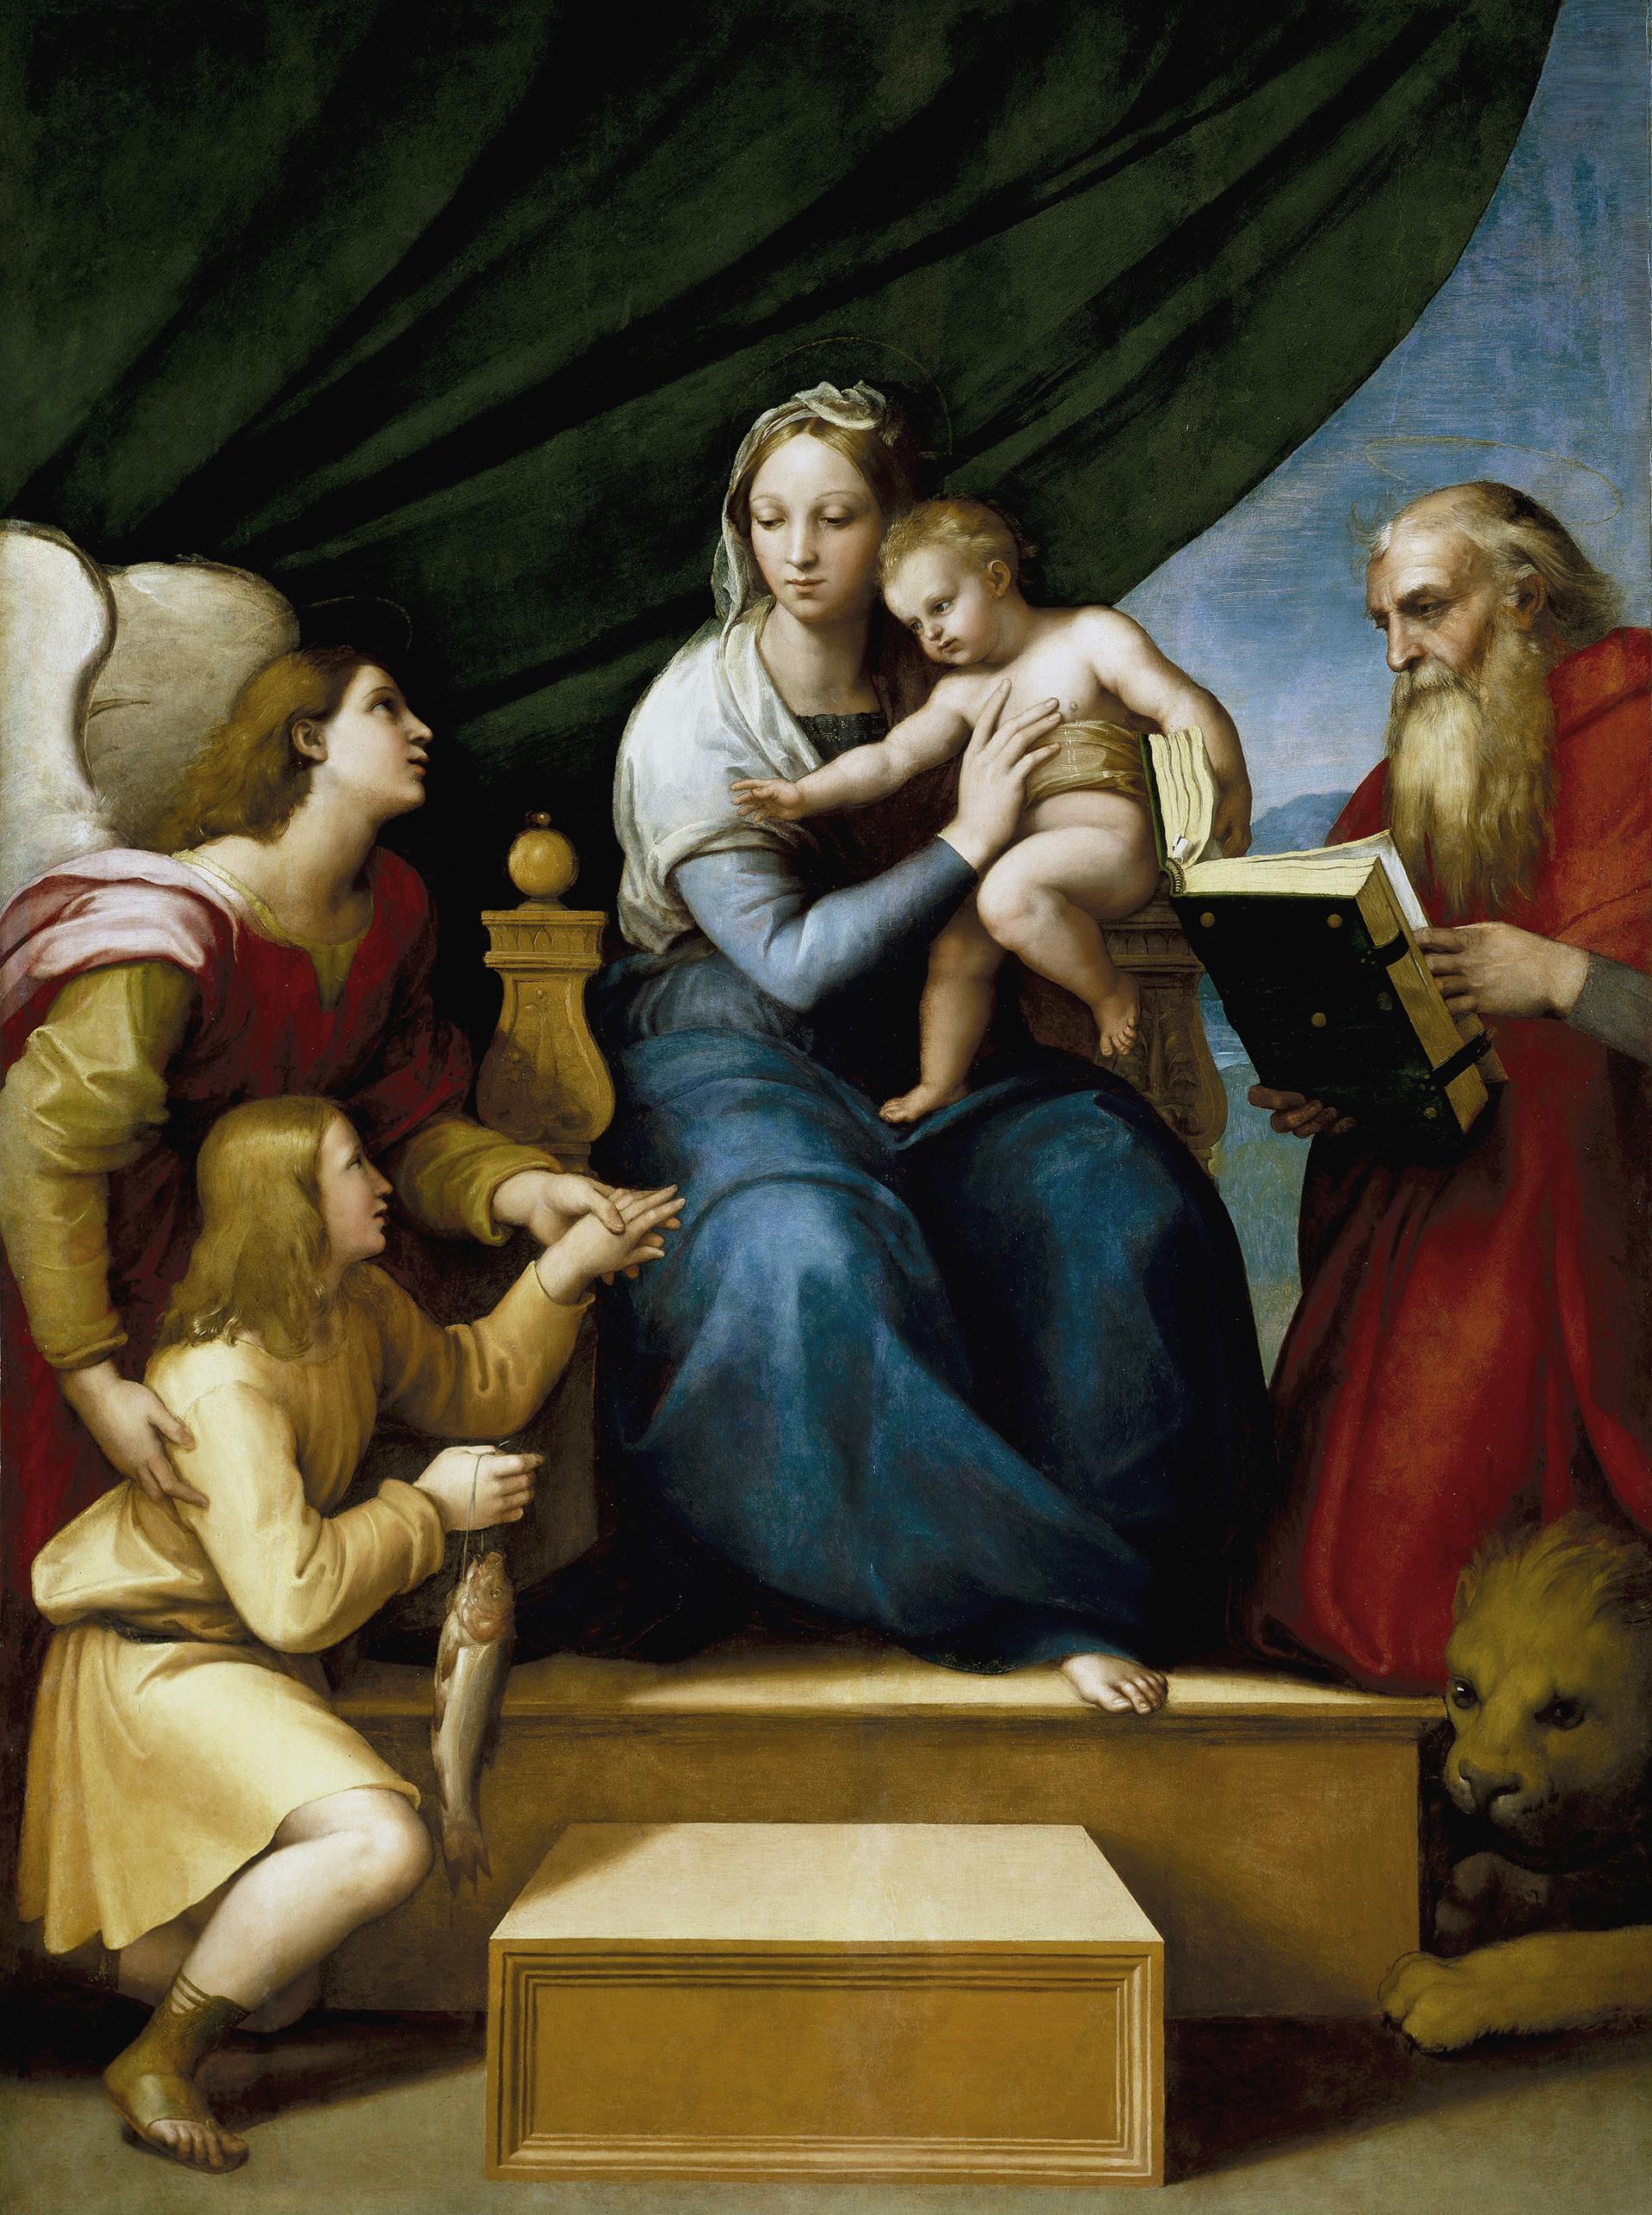 0049_拉斐尔绘画作品集油画专辑TIF-Raffaello-Sanzio-53_2287x3066PX_TIF_310DPI_20_0